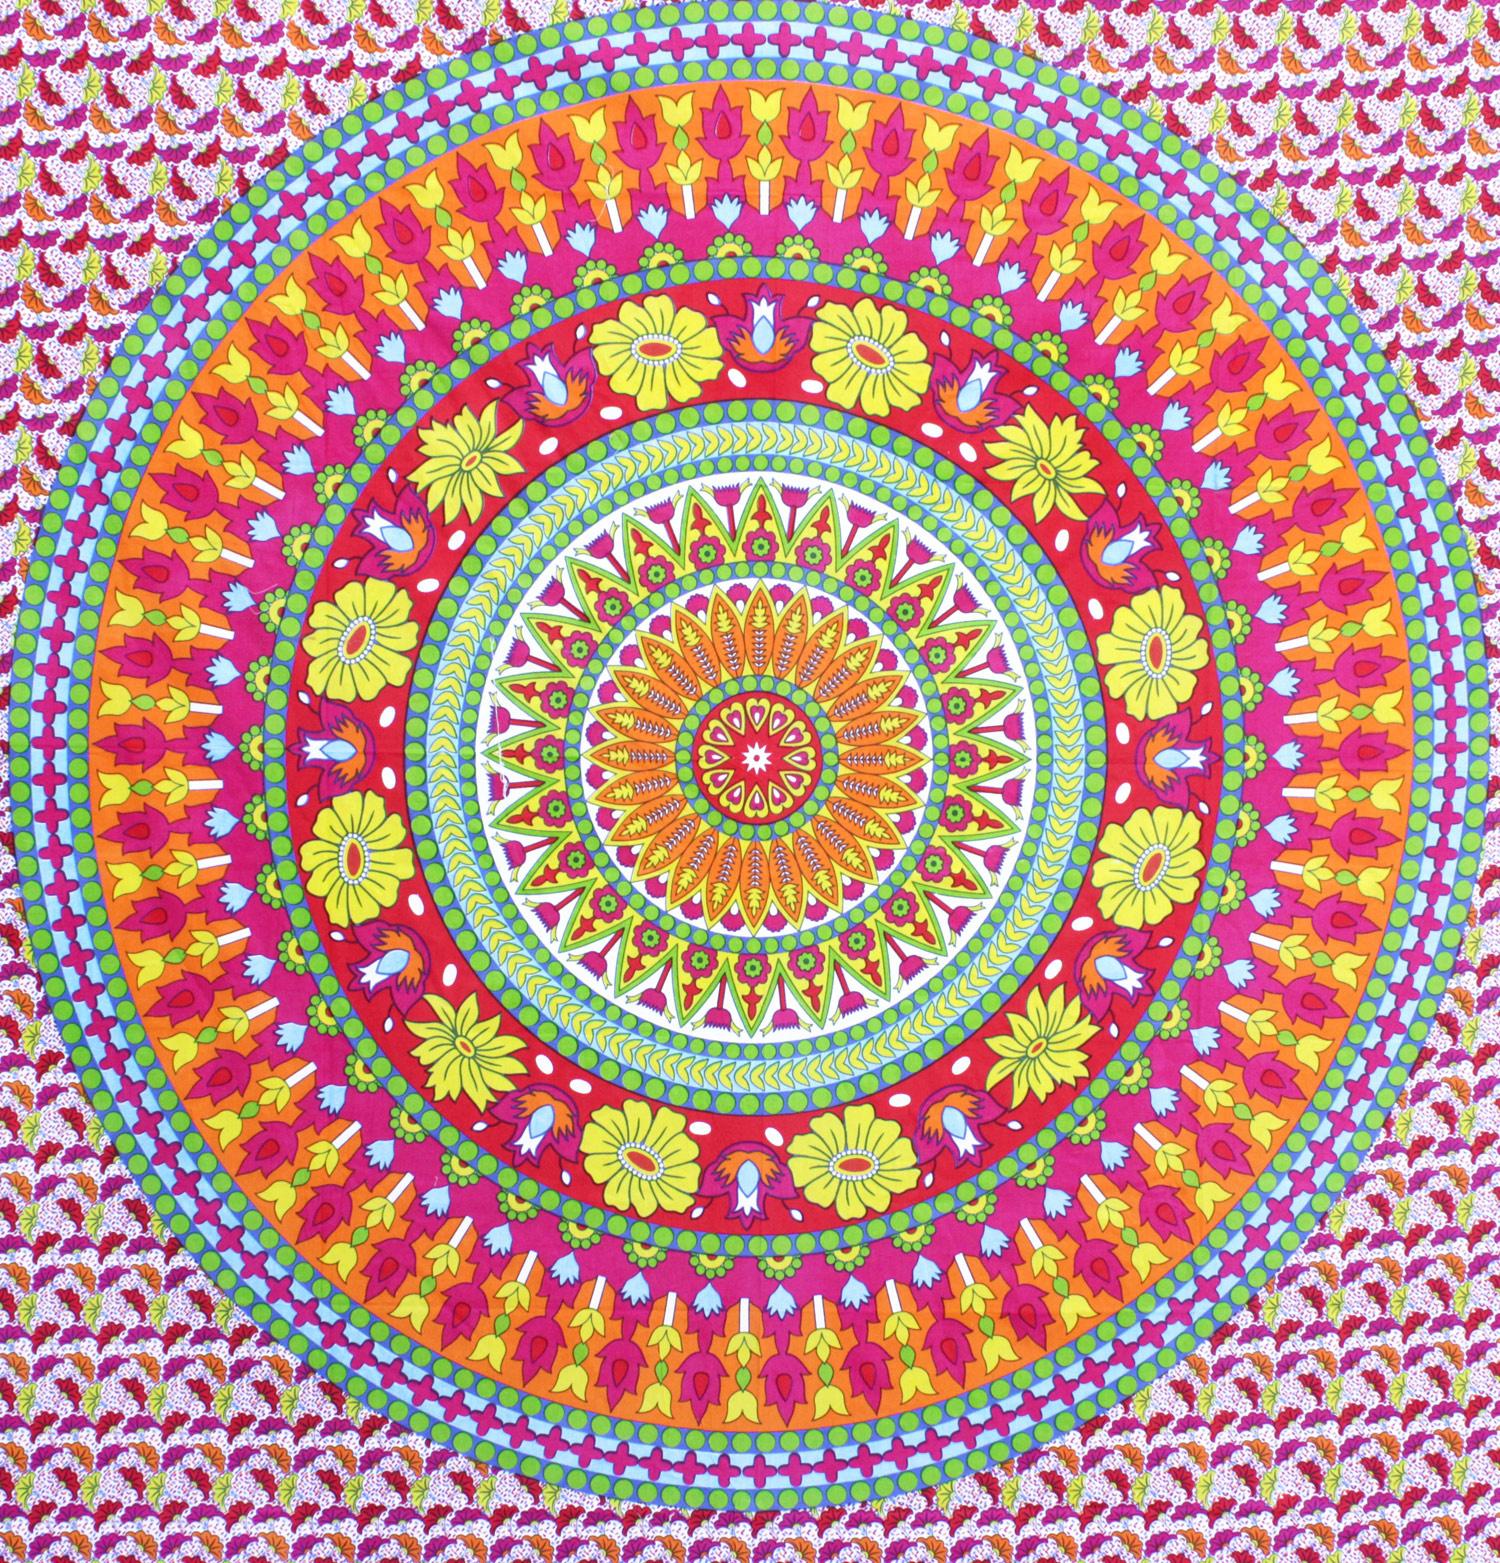 Myroundie Myroundie - roundie - vierkant strandlaken XL – yoga kleed- speelkleed - picknickkleed -100% katoen – Q38